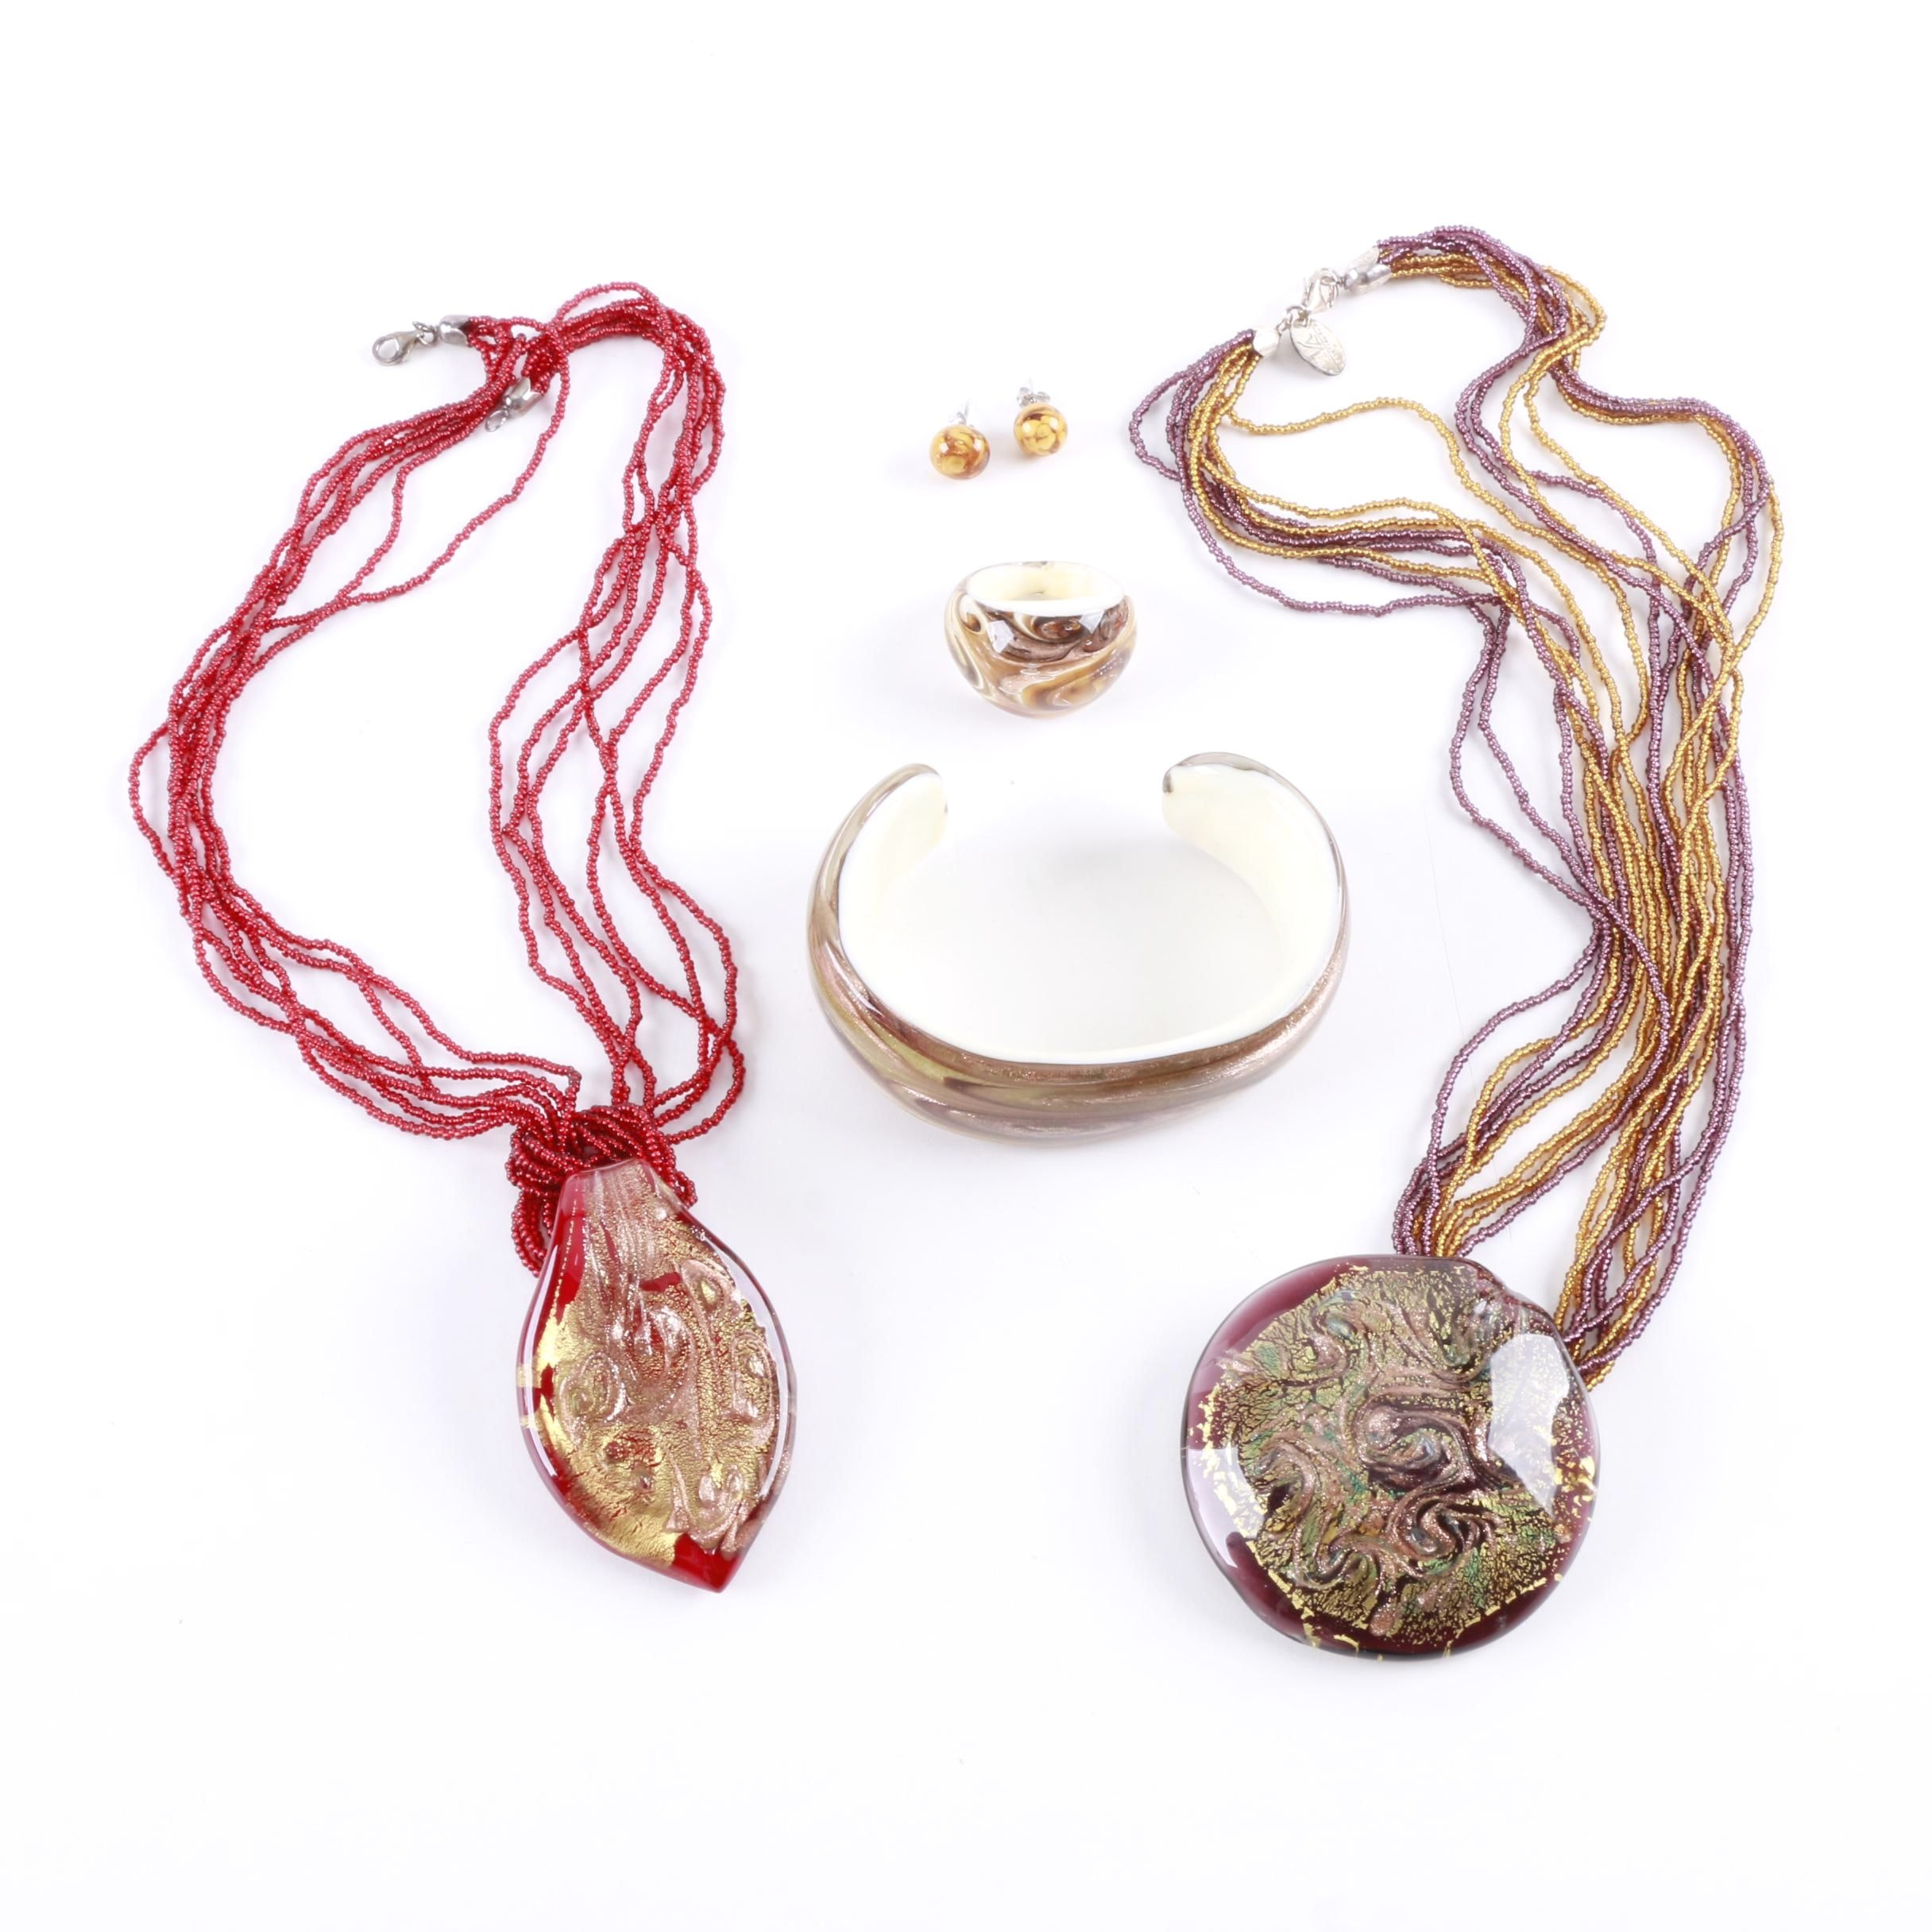 Venetiaurum Sterling Silver Jewelry Featuring Murano Glass